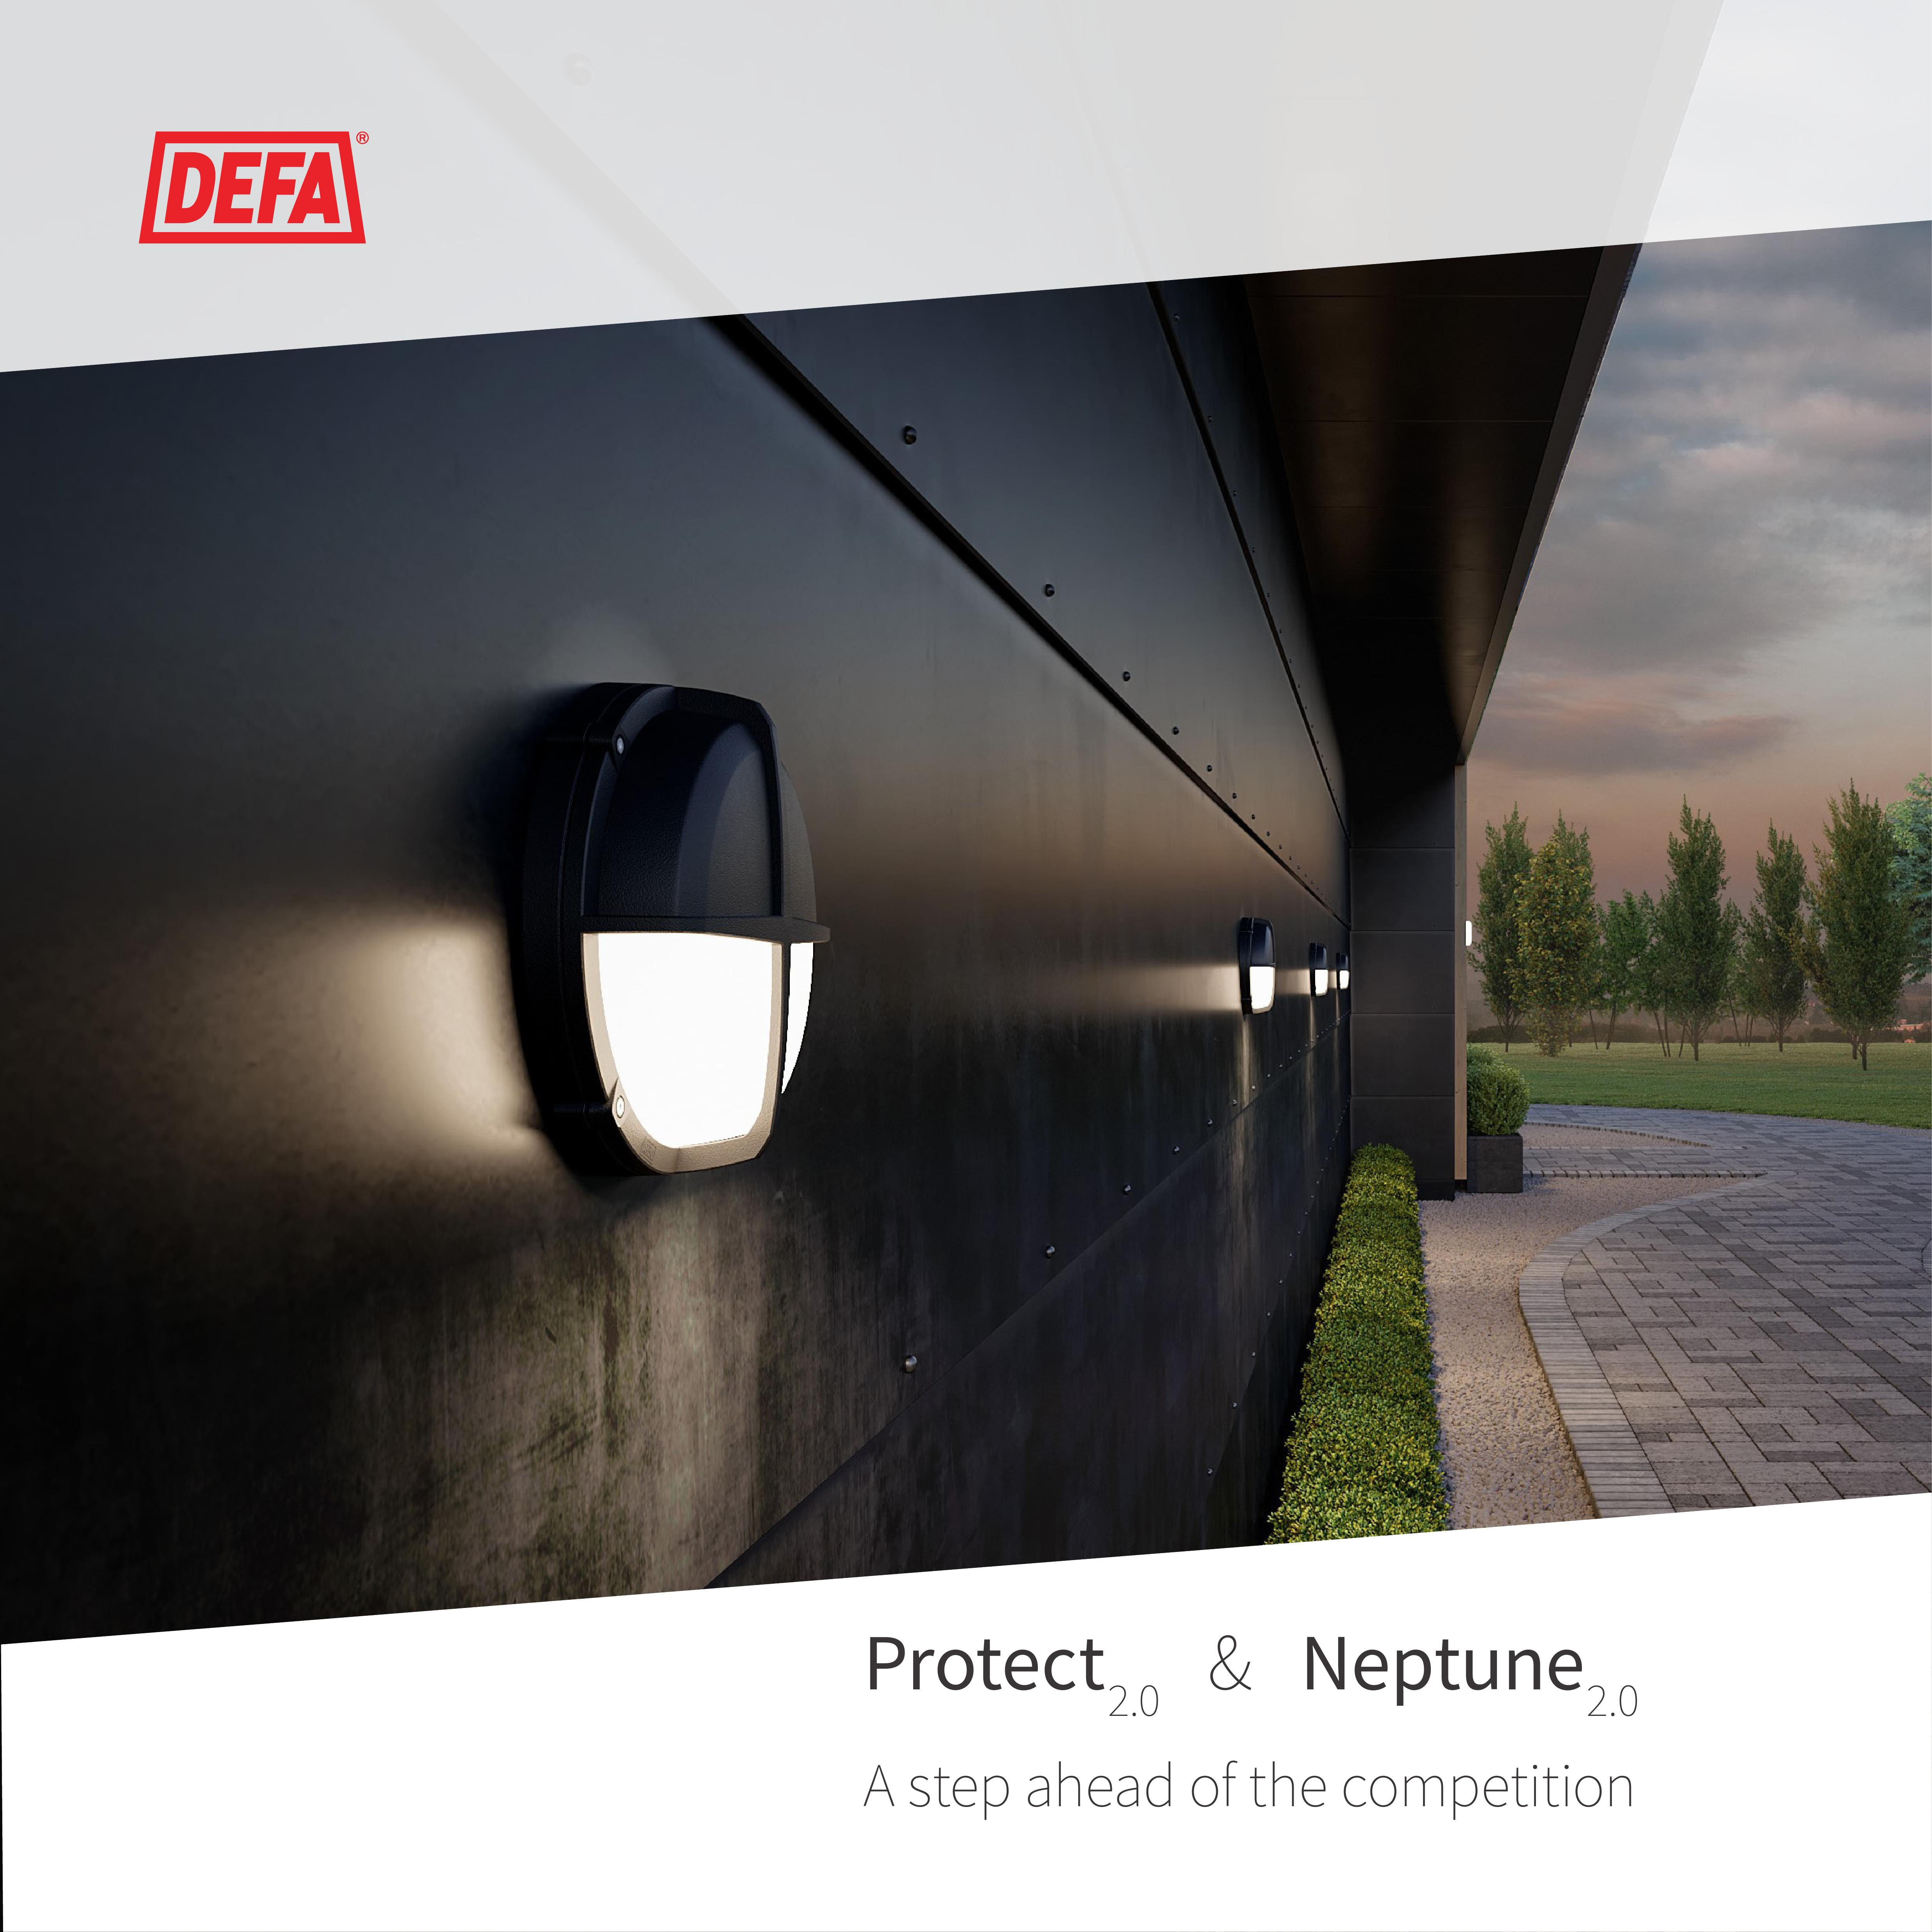 Protect_Neptune_2.0_brochure_EN